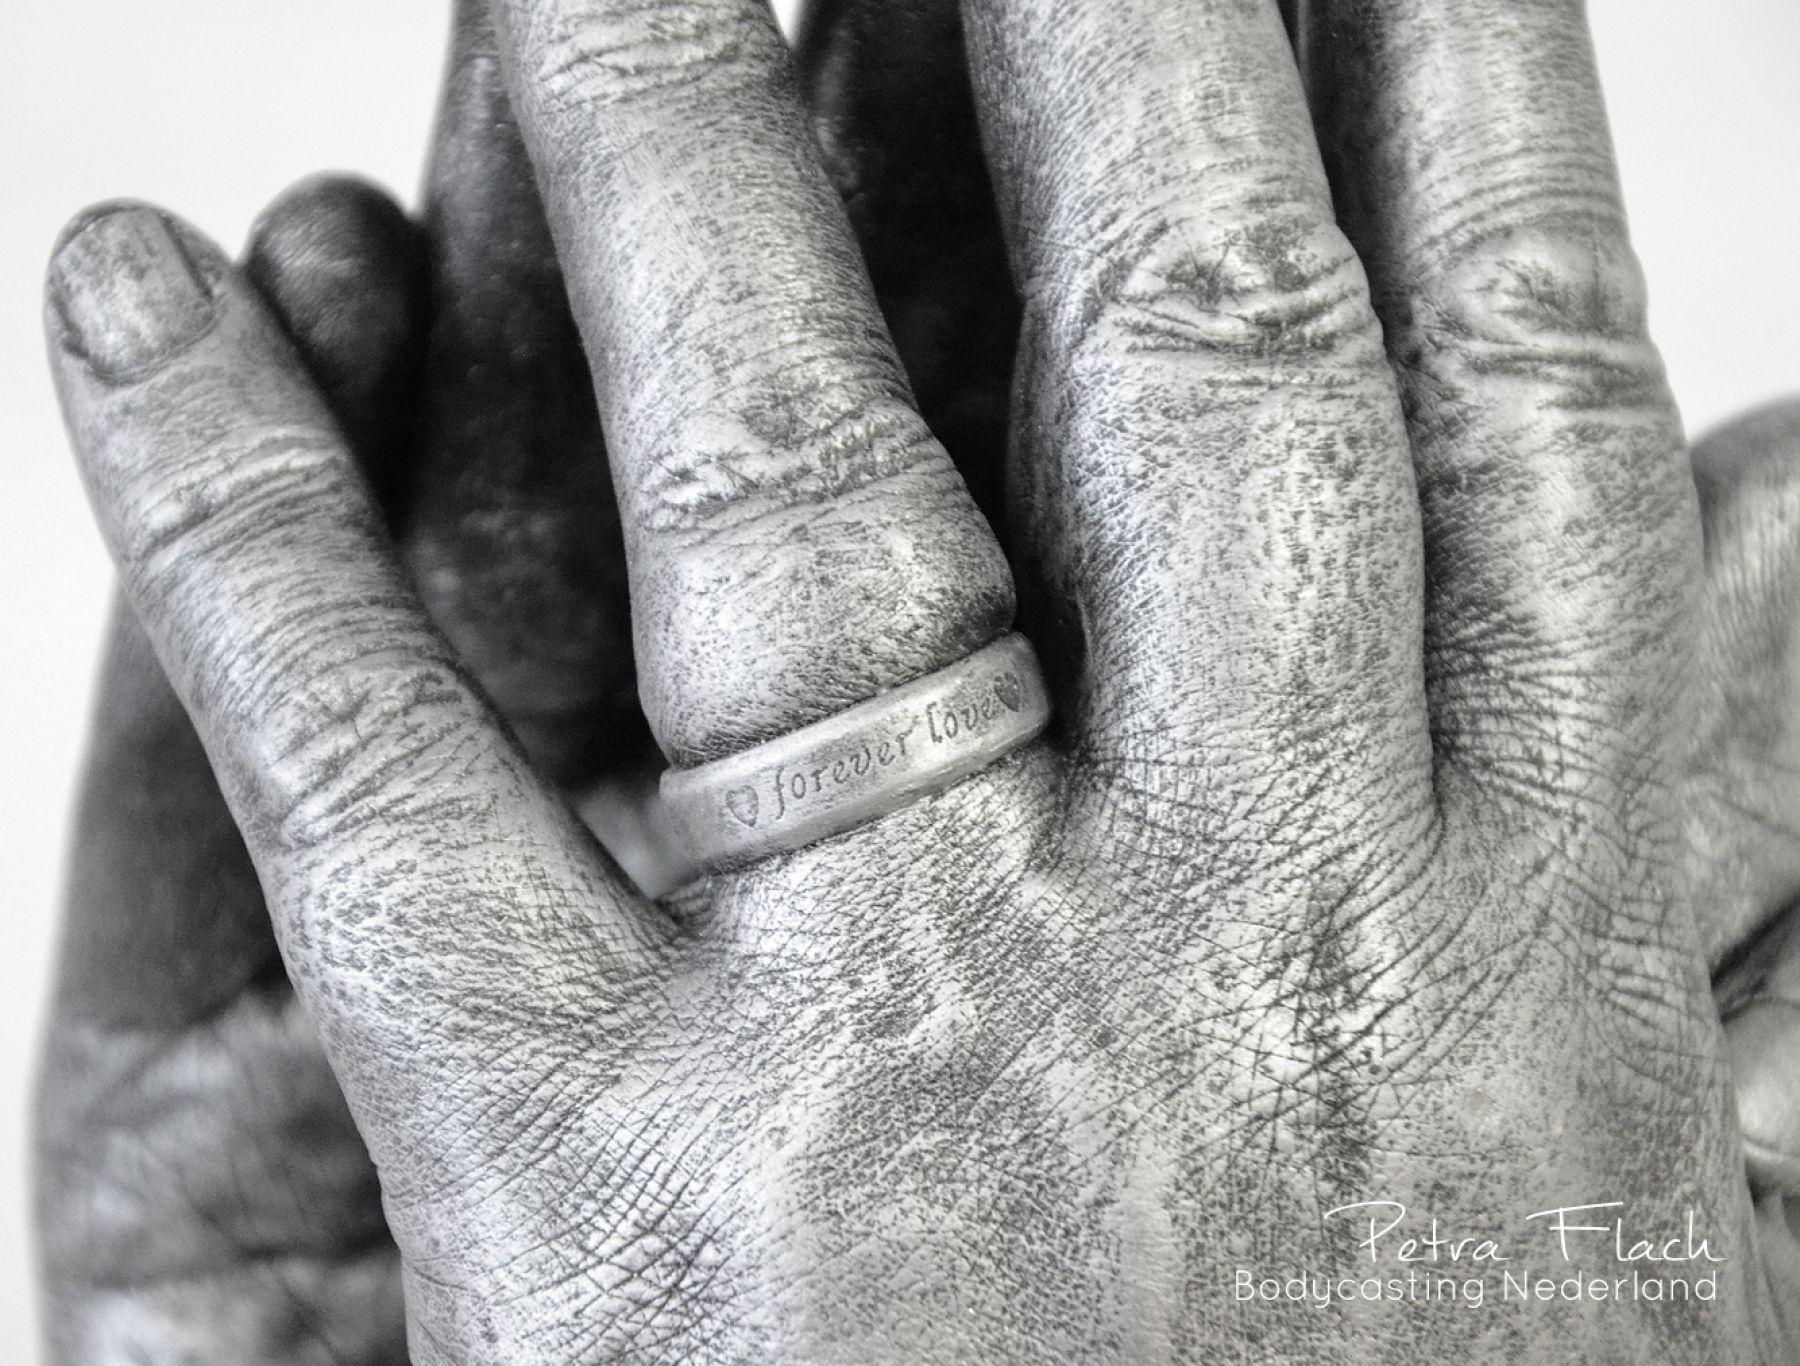 Handbeeld-beeld-handenkunst-bodycasting-lifecasting-handbeeld-handen-3Dbeeld-handafdruk-petraflach-gipsafdruk-ring